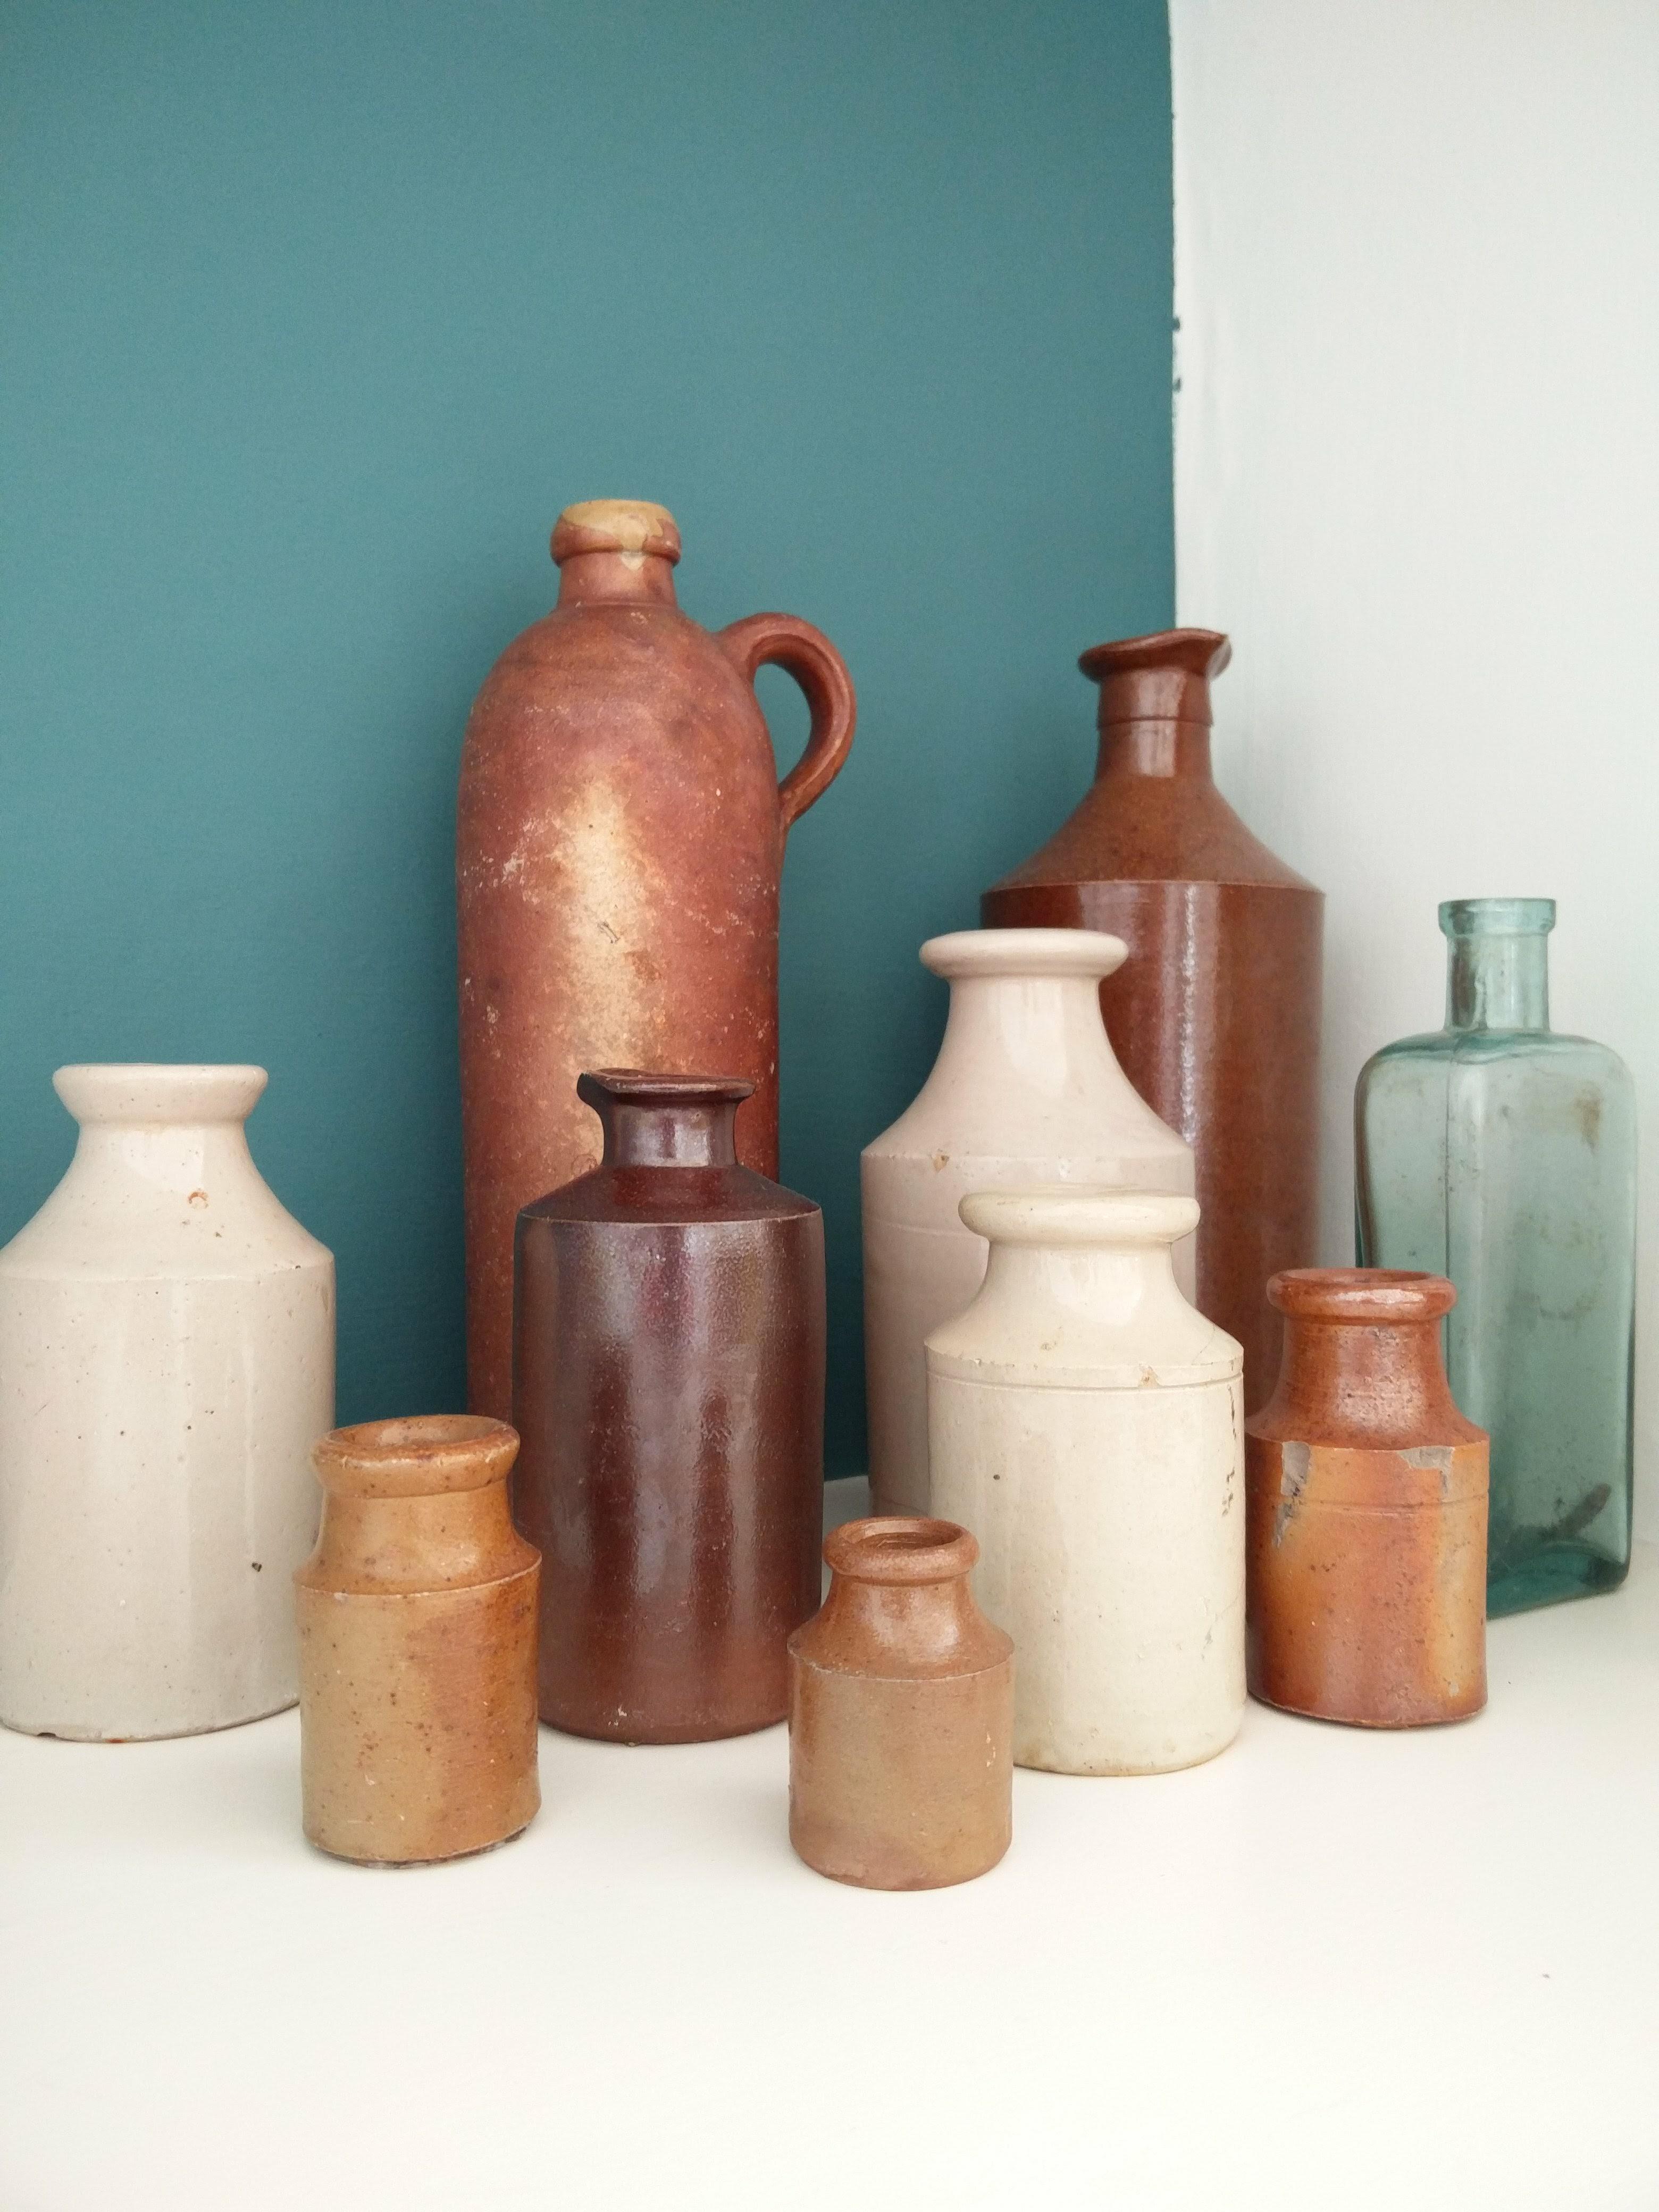 Vintage bottles - Dining Room